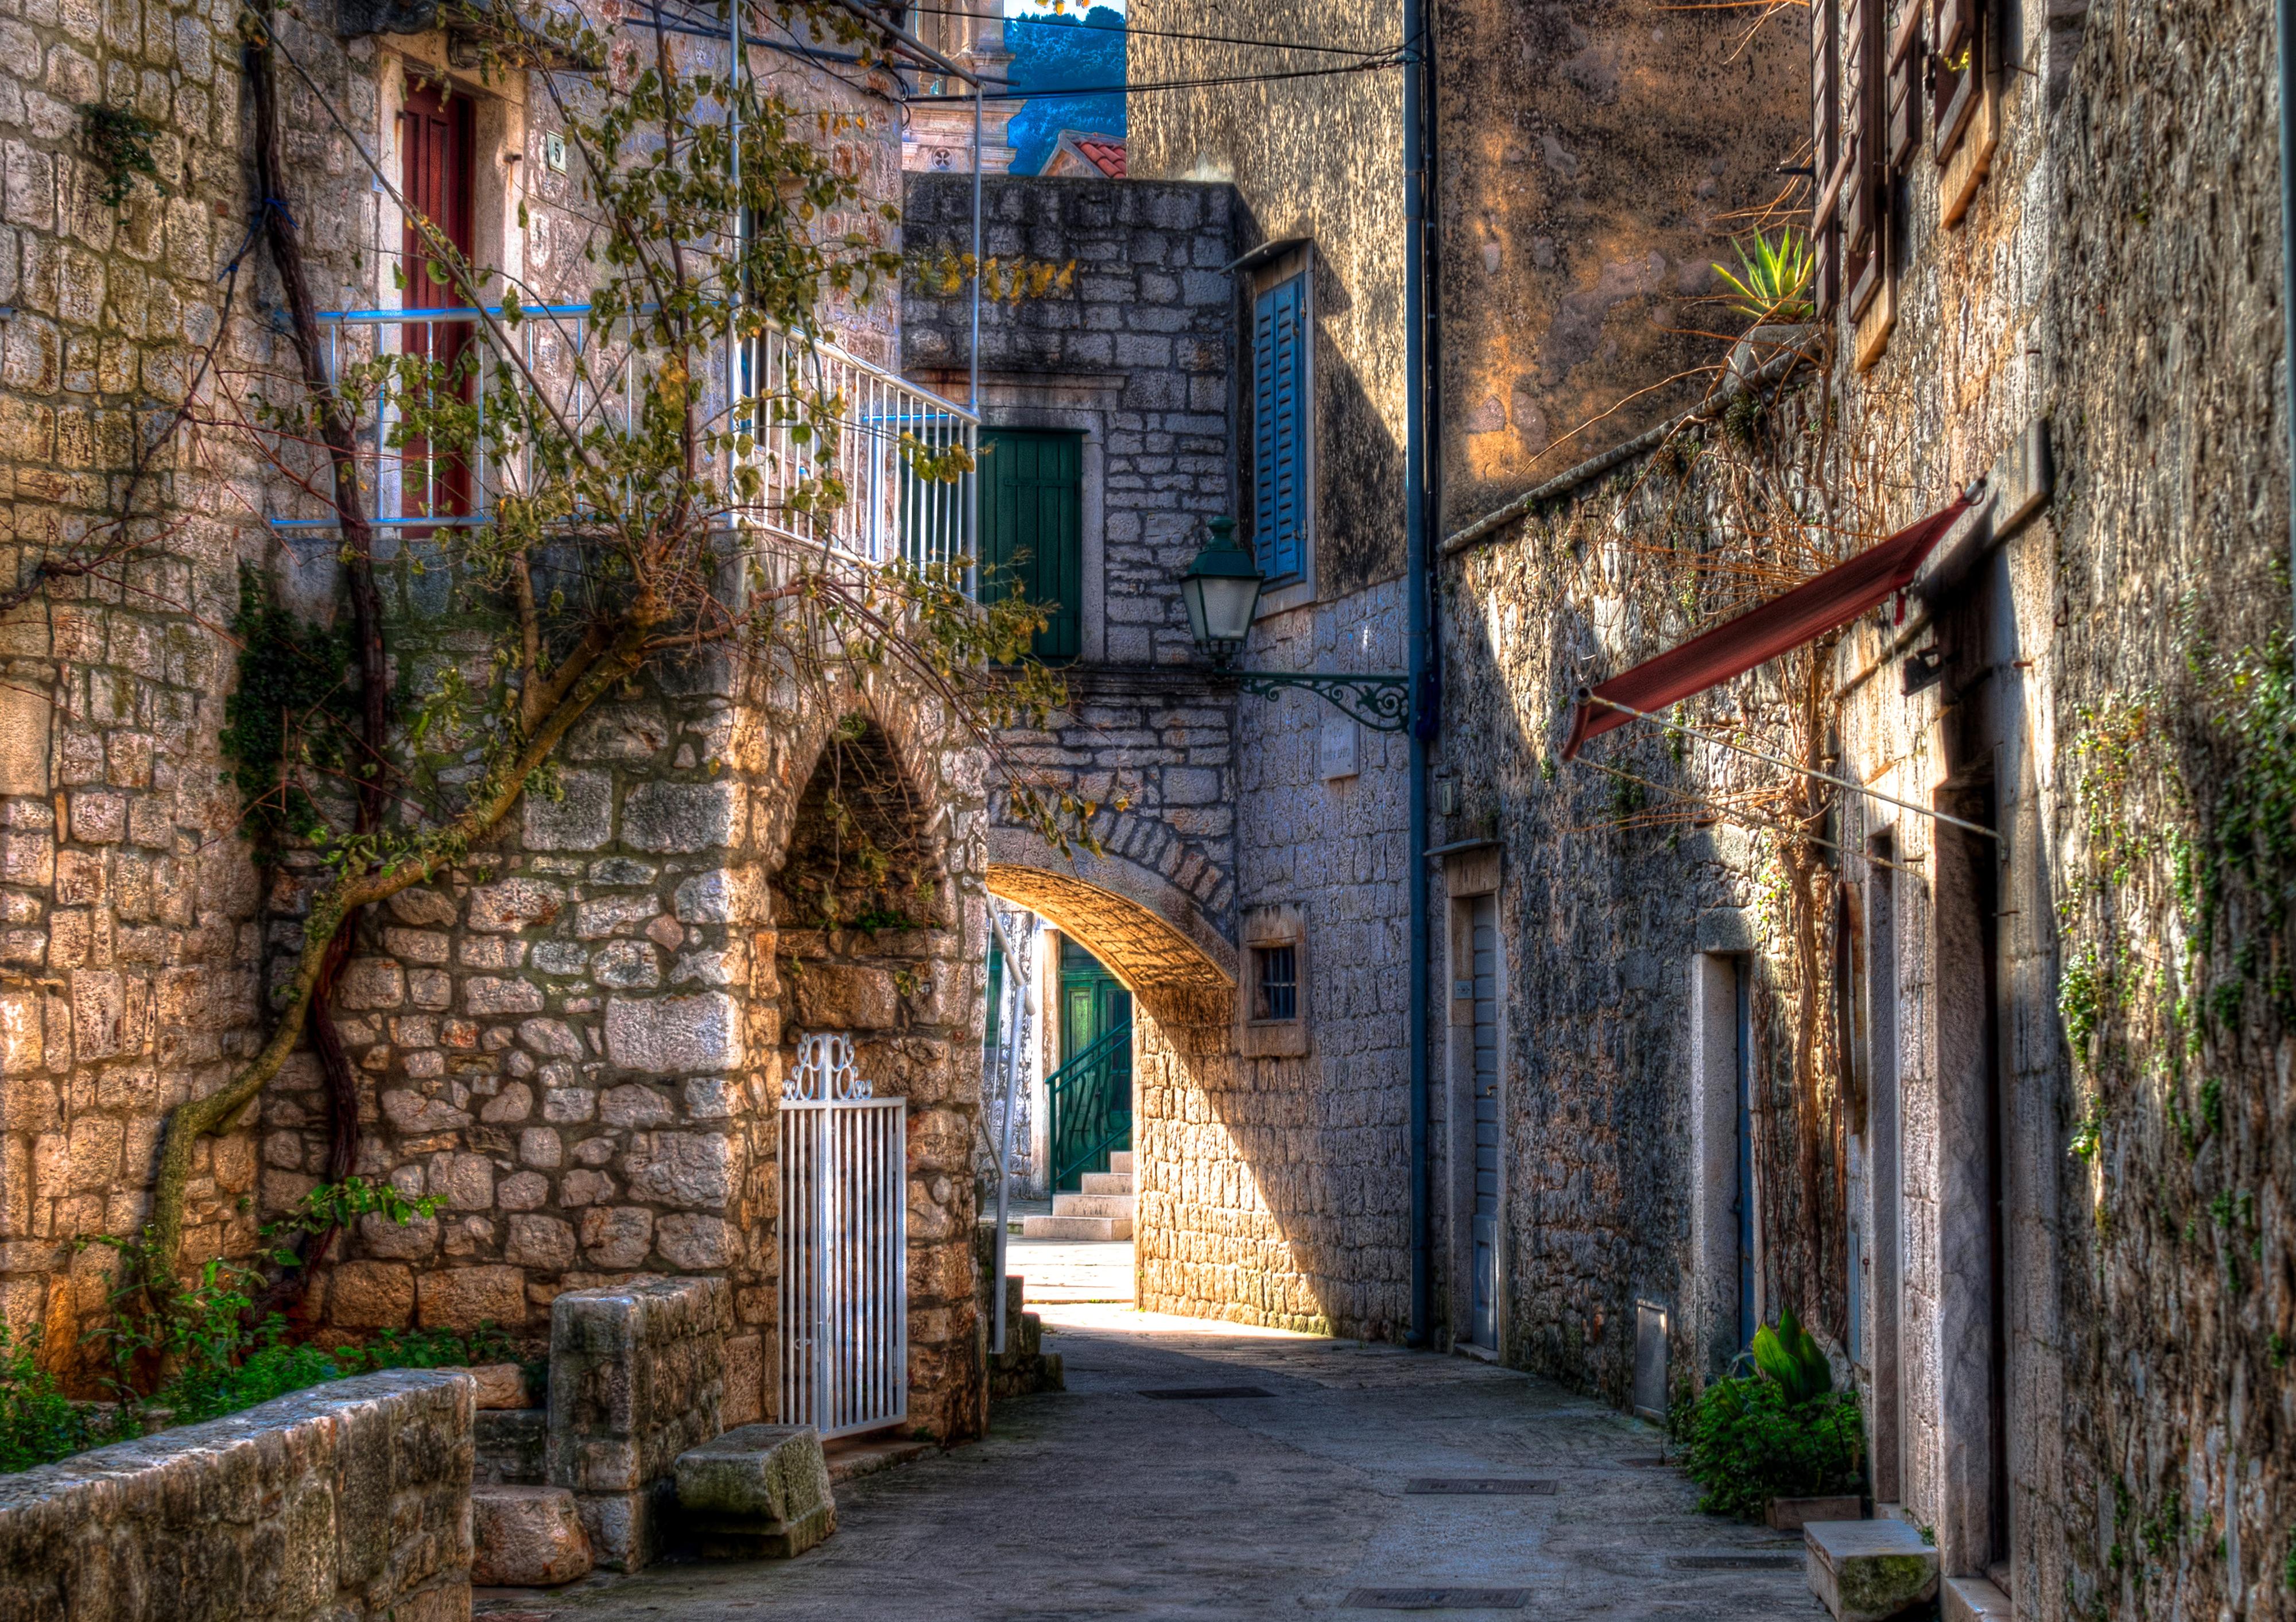 Street in Croatia 4k Ultra HD Wallpaper   Background Image ...